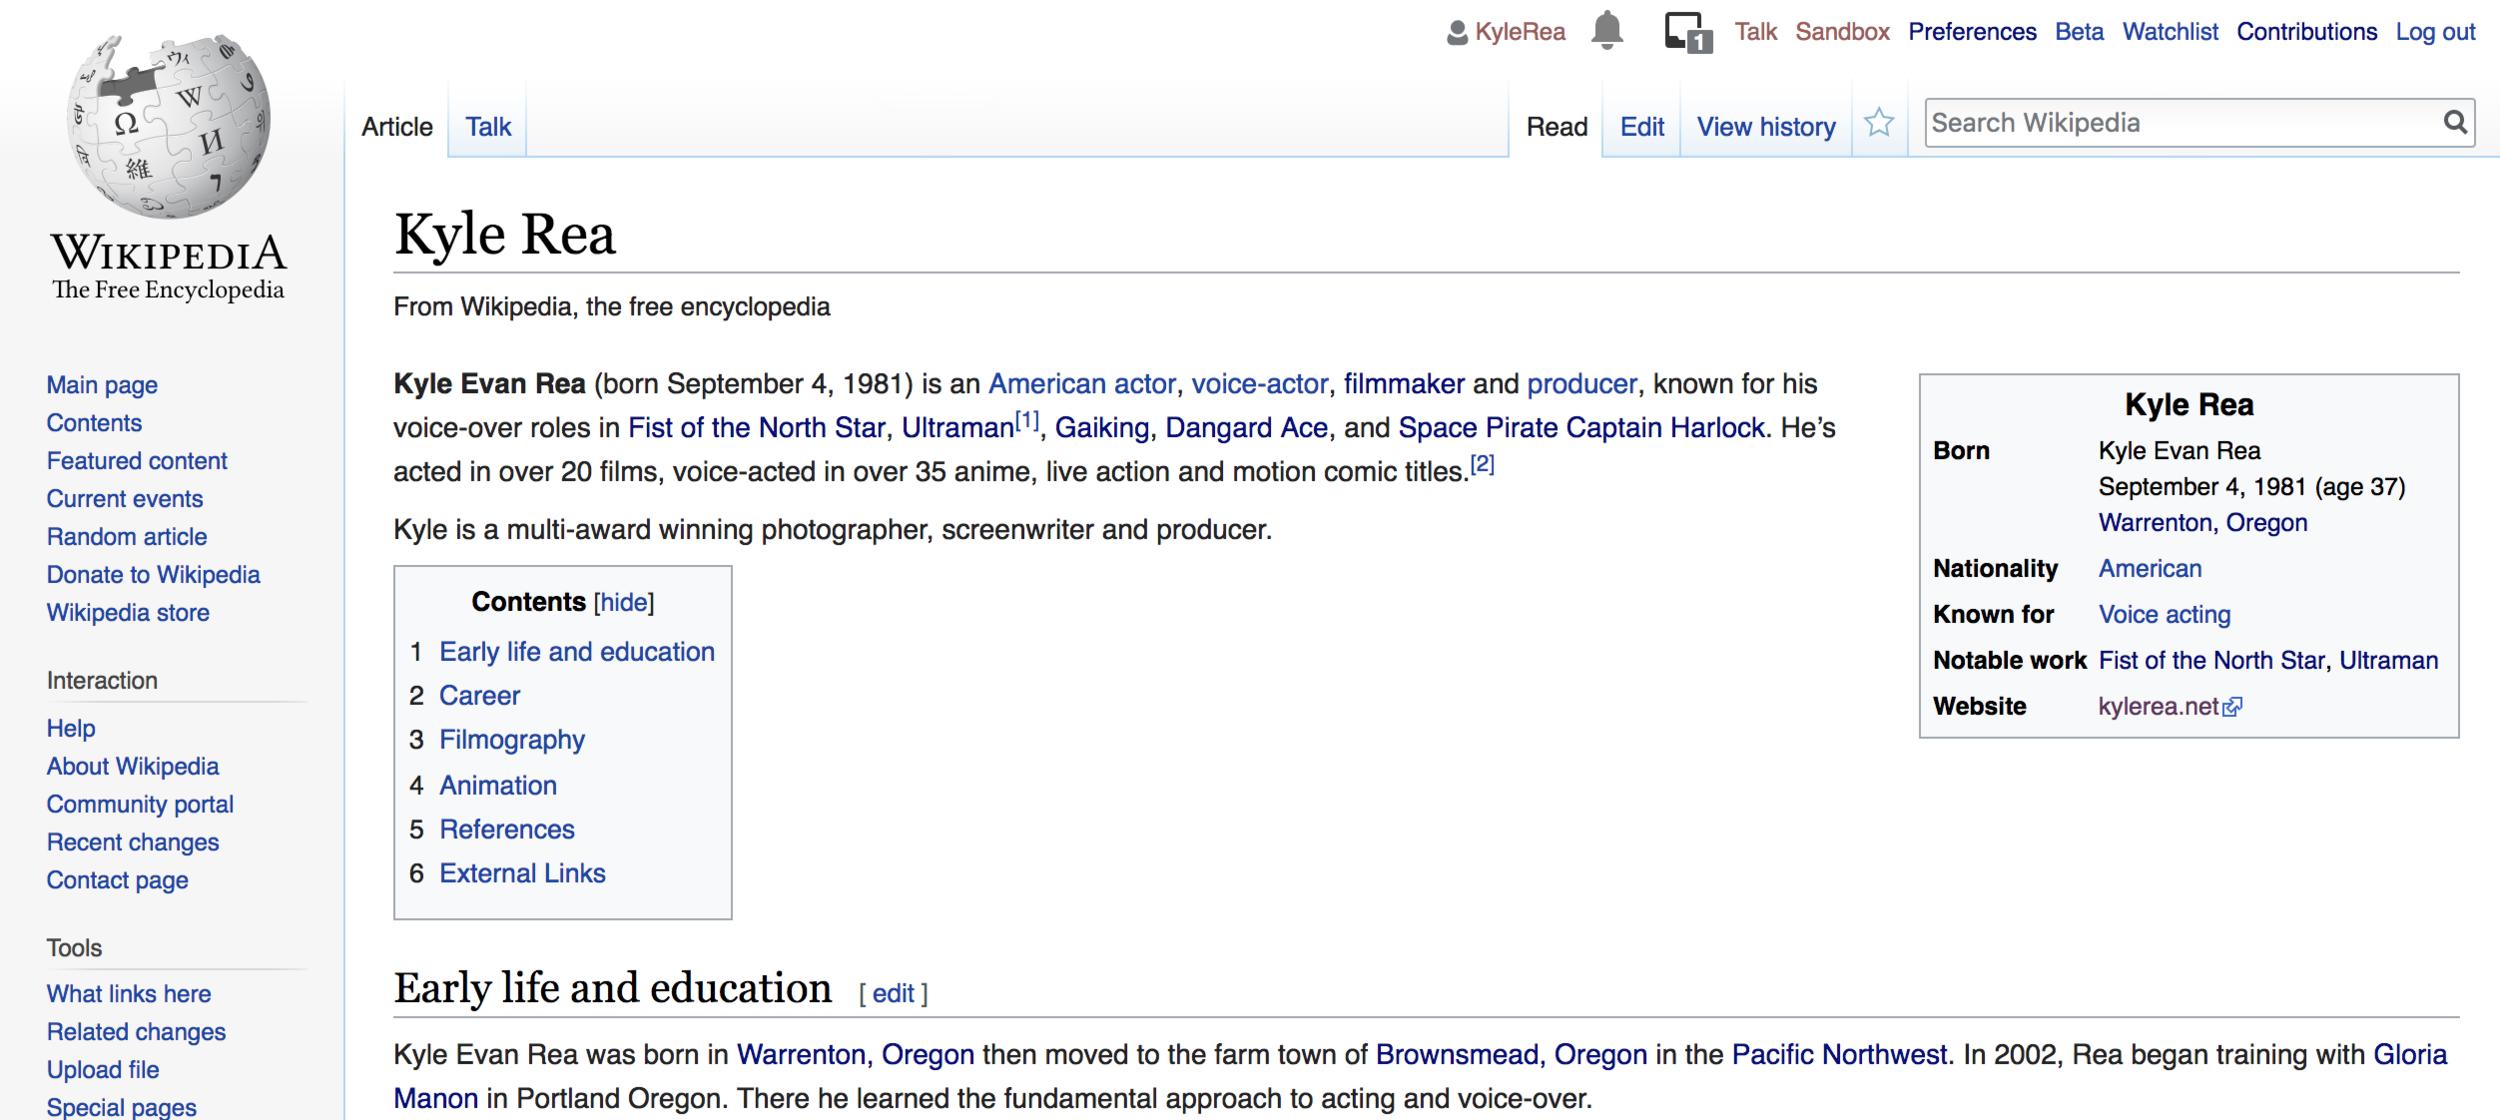 Kyle Rea on Wikipedia